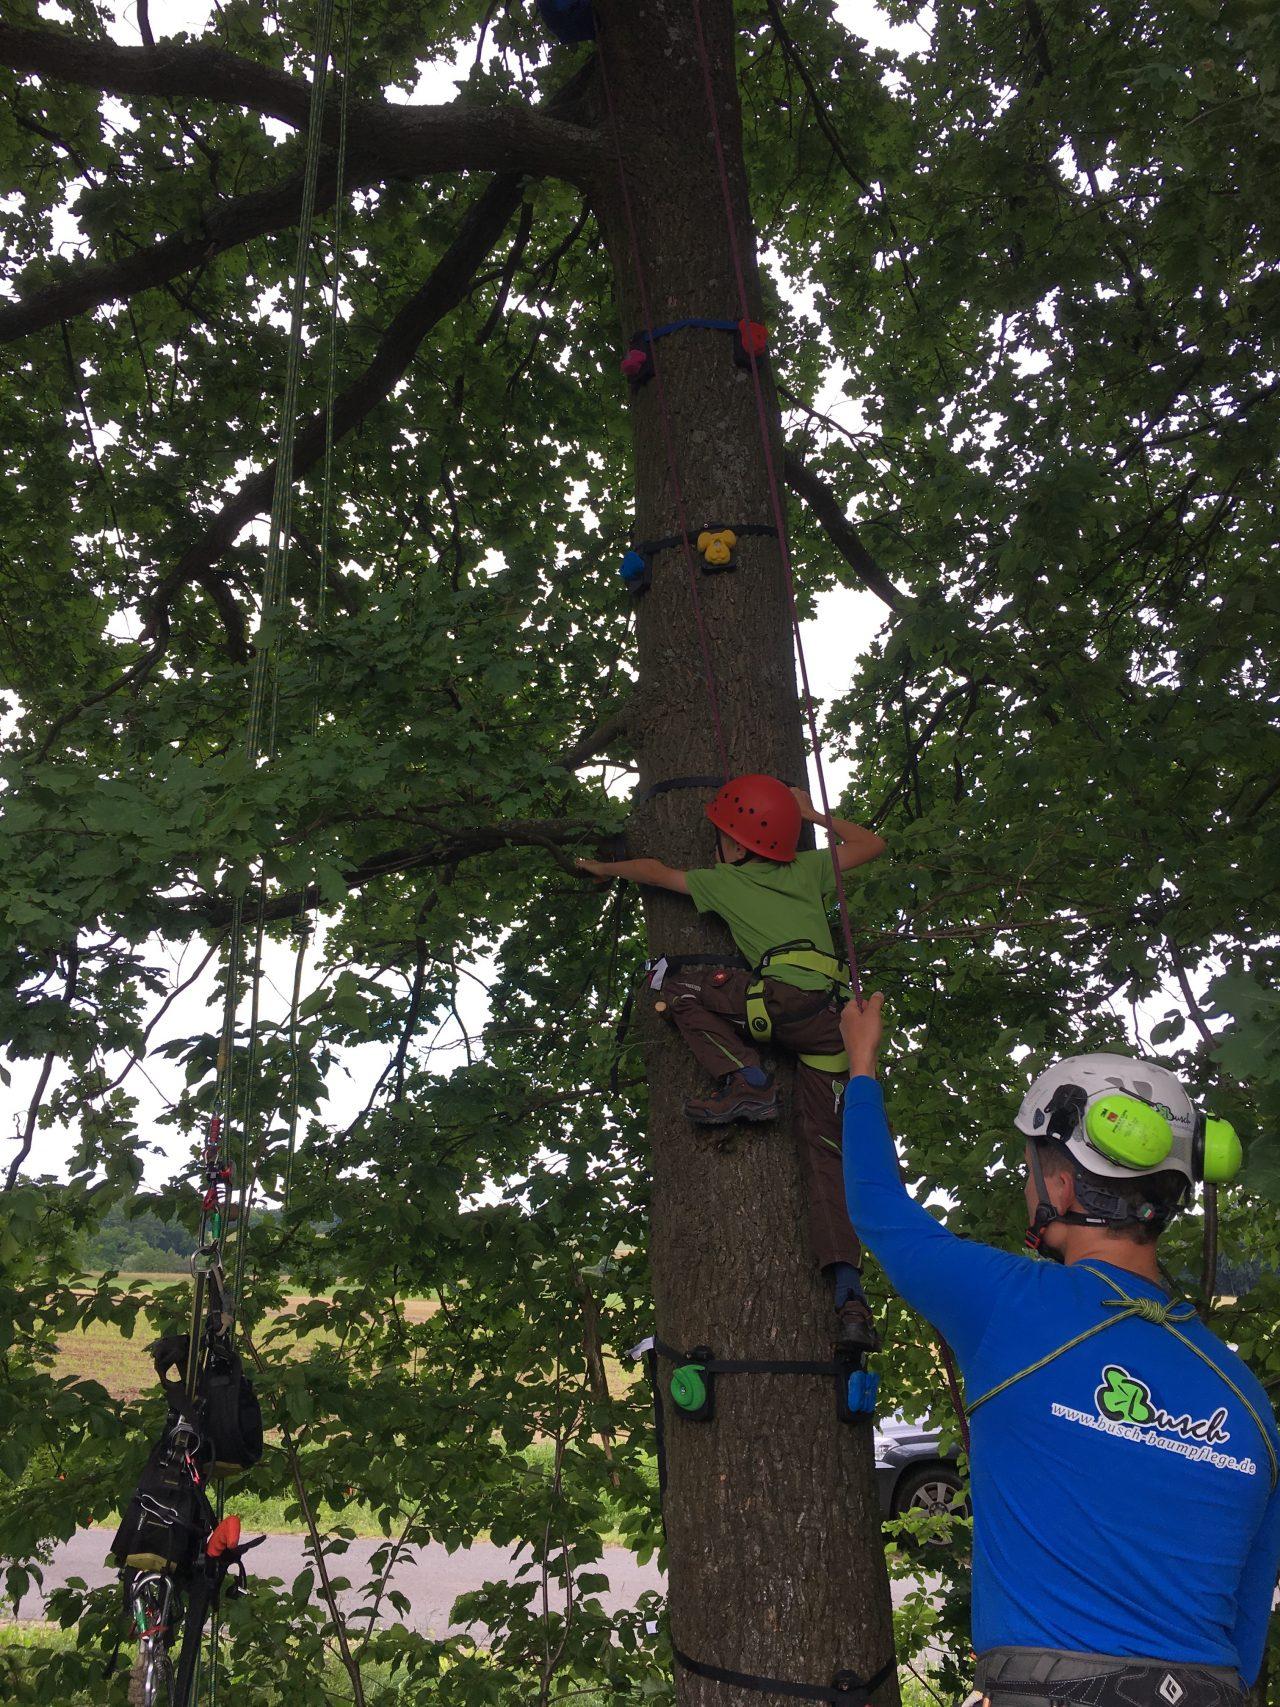 Baumklettern mit Tree Monkey Klettergriffen - Busch Baumpflege